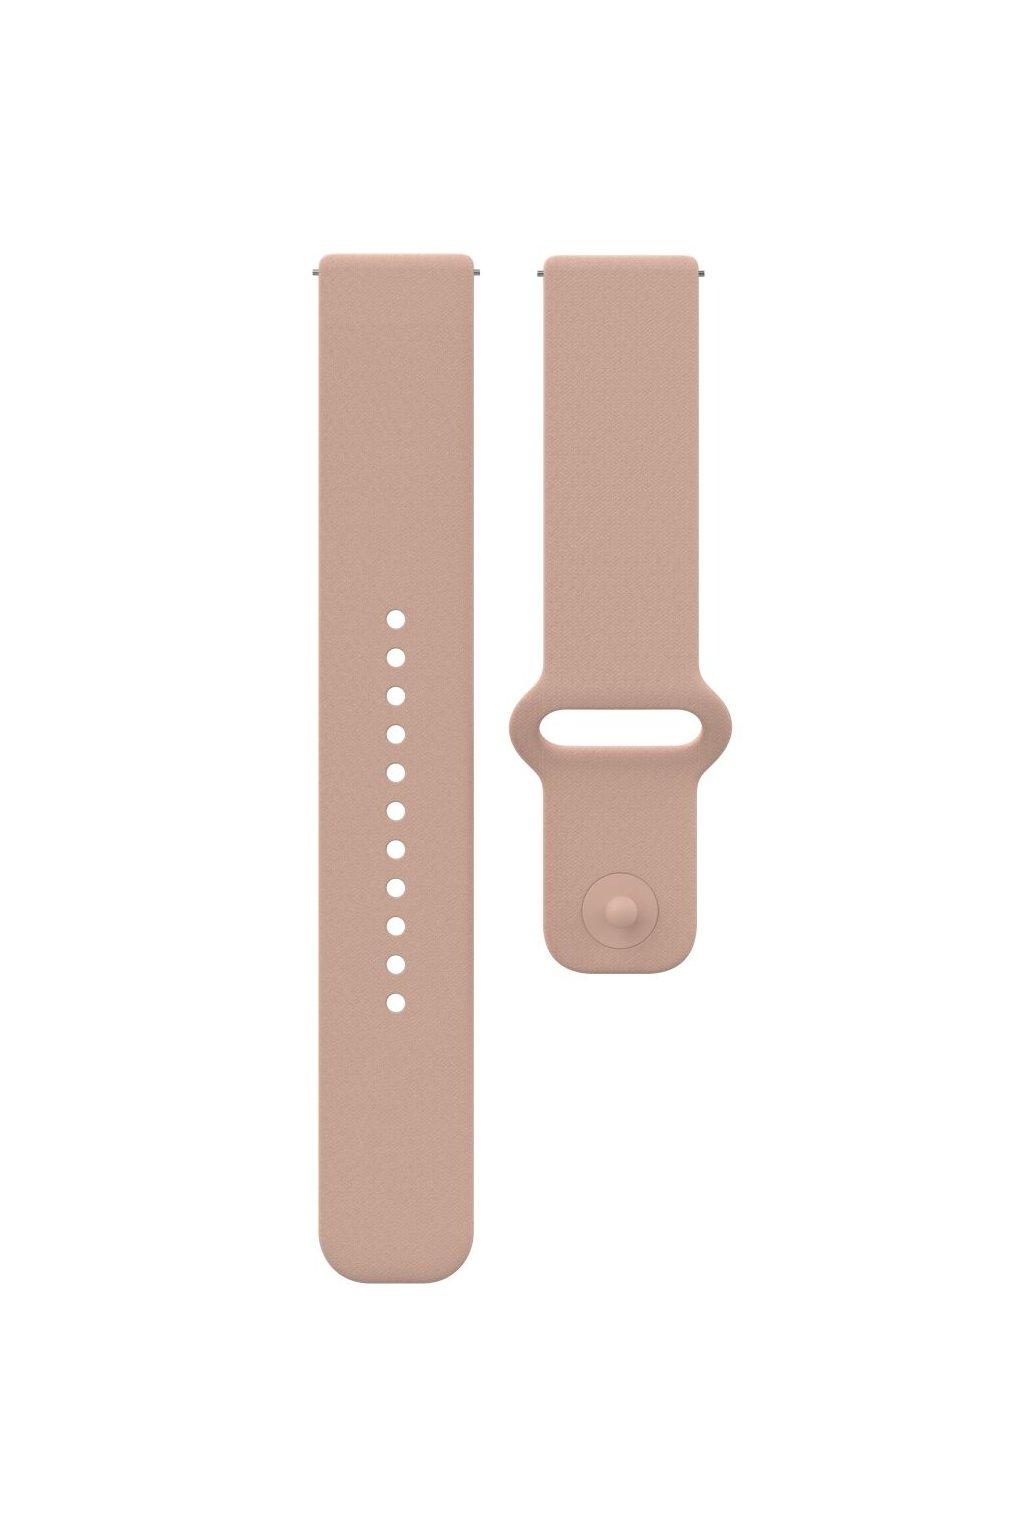 Polar Unite accessory silicone wristband blush